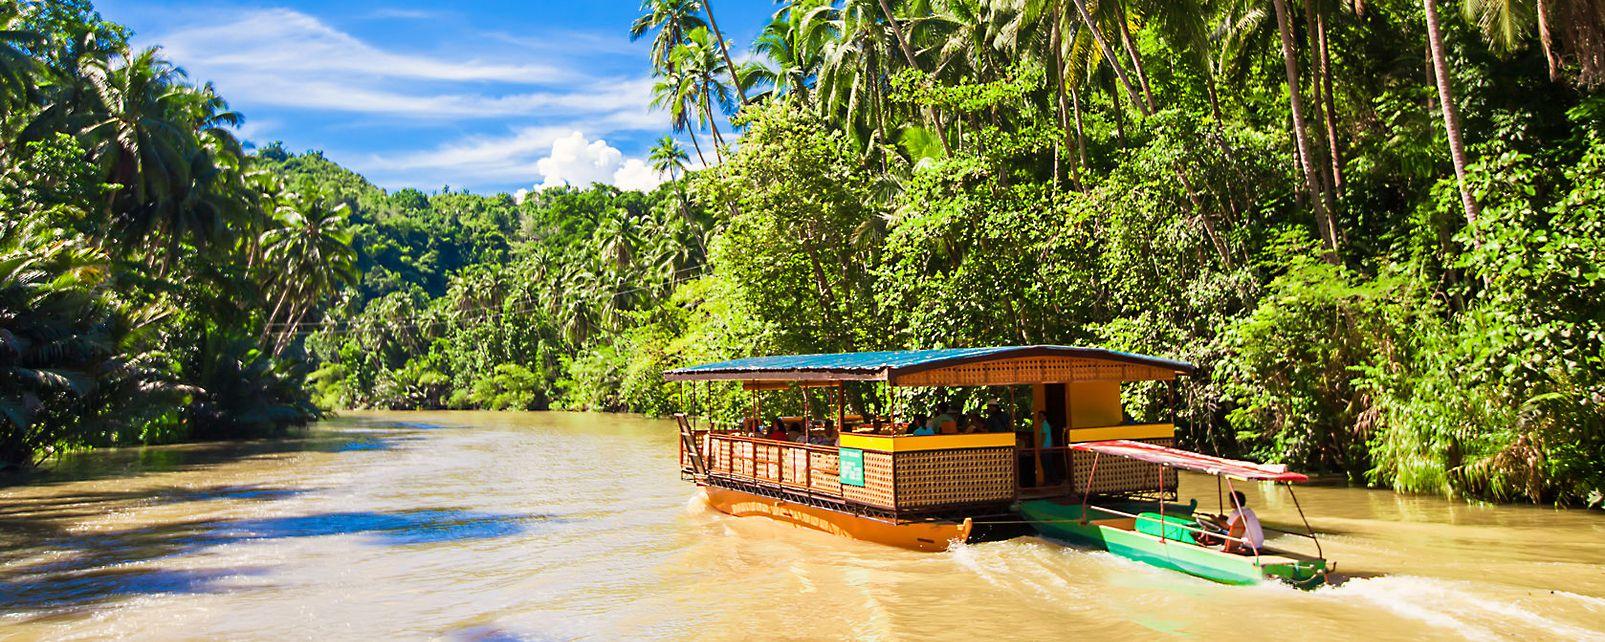 Les îles, Bohol, ile, asie, philippines, jungle